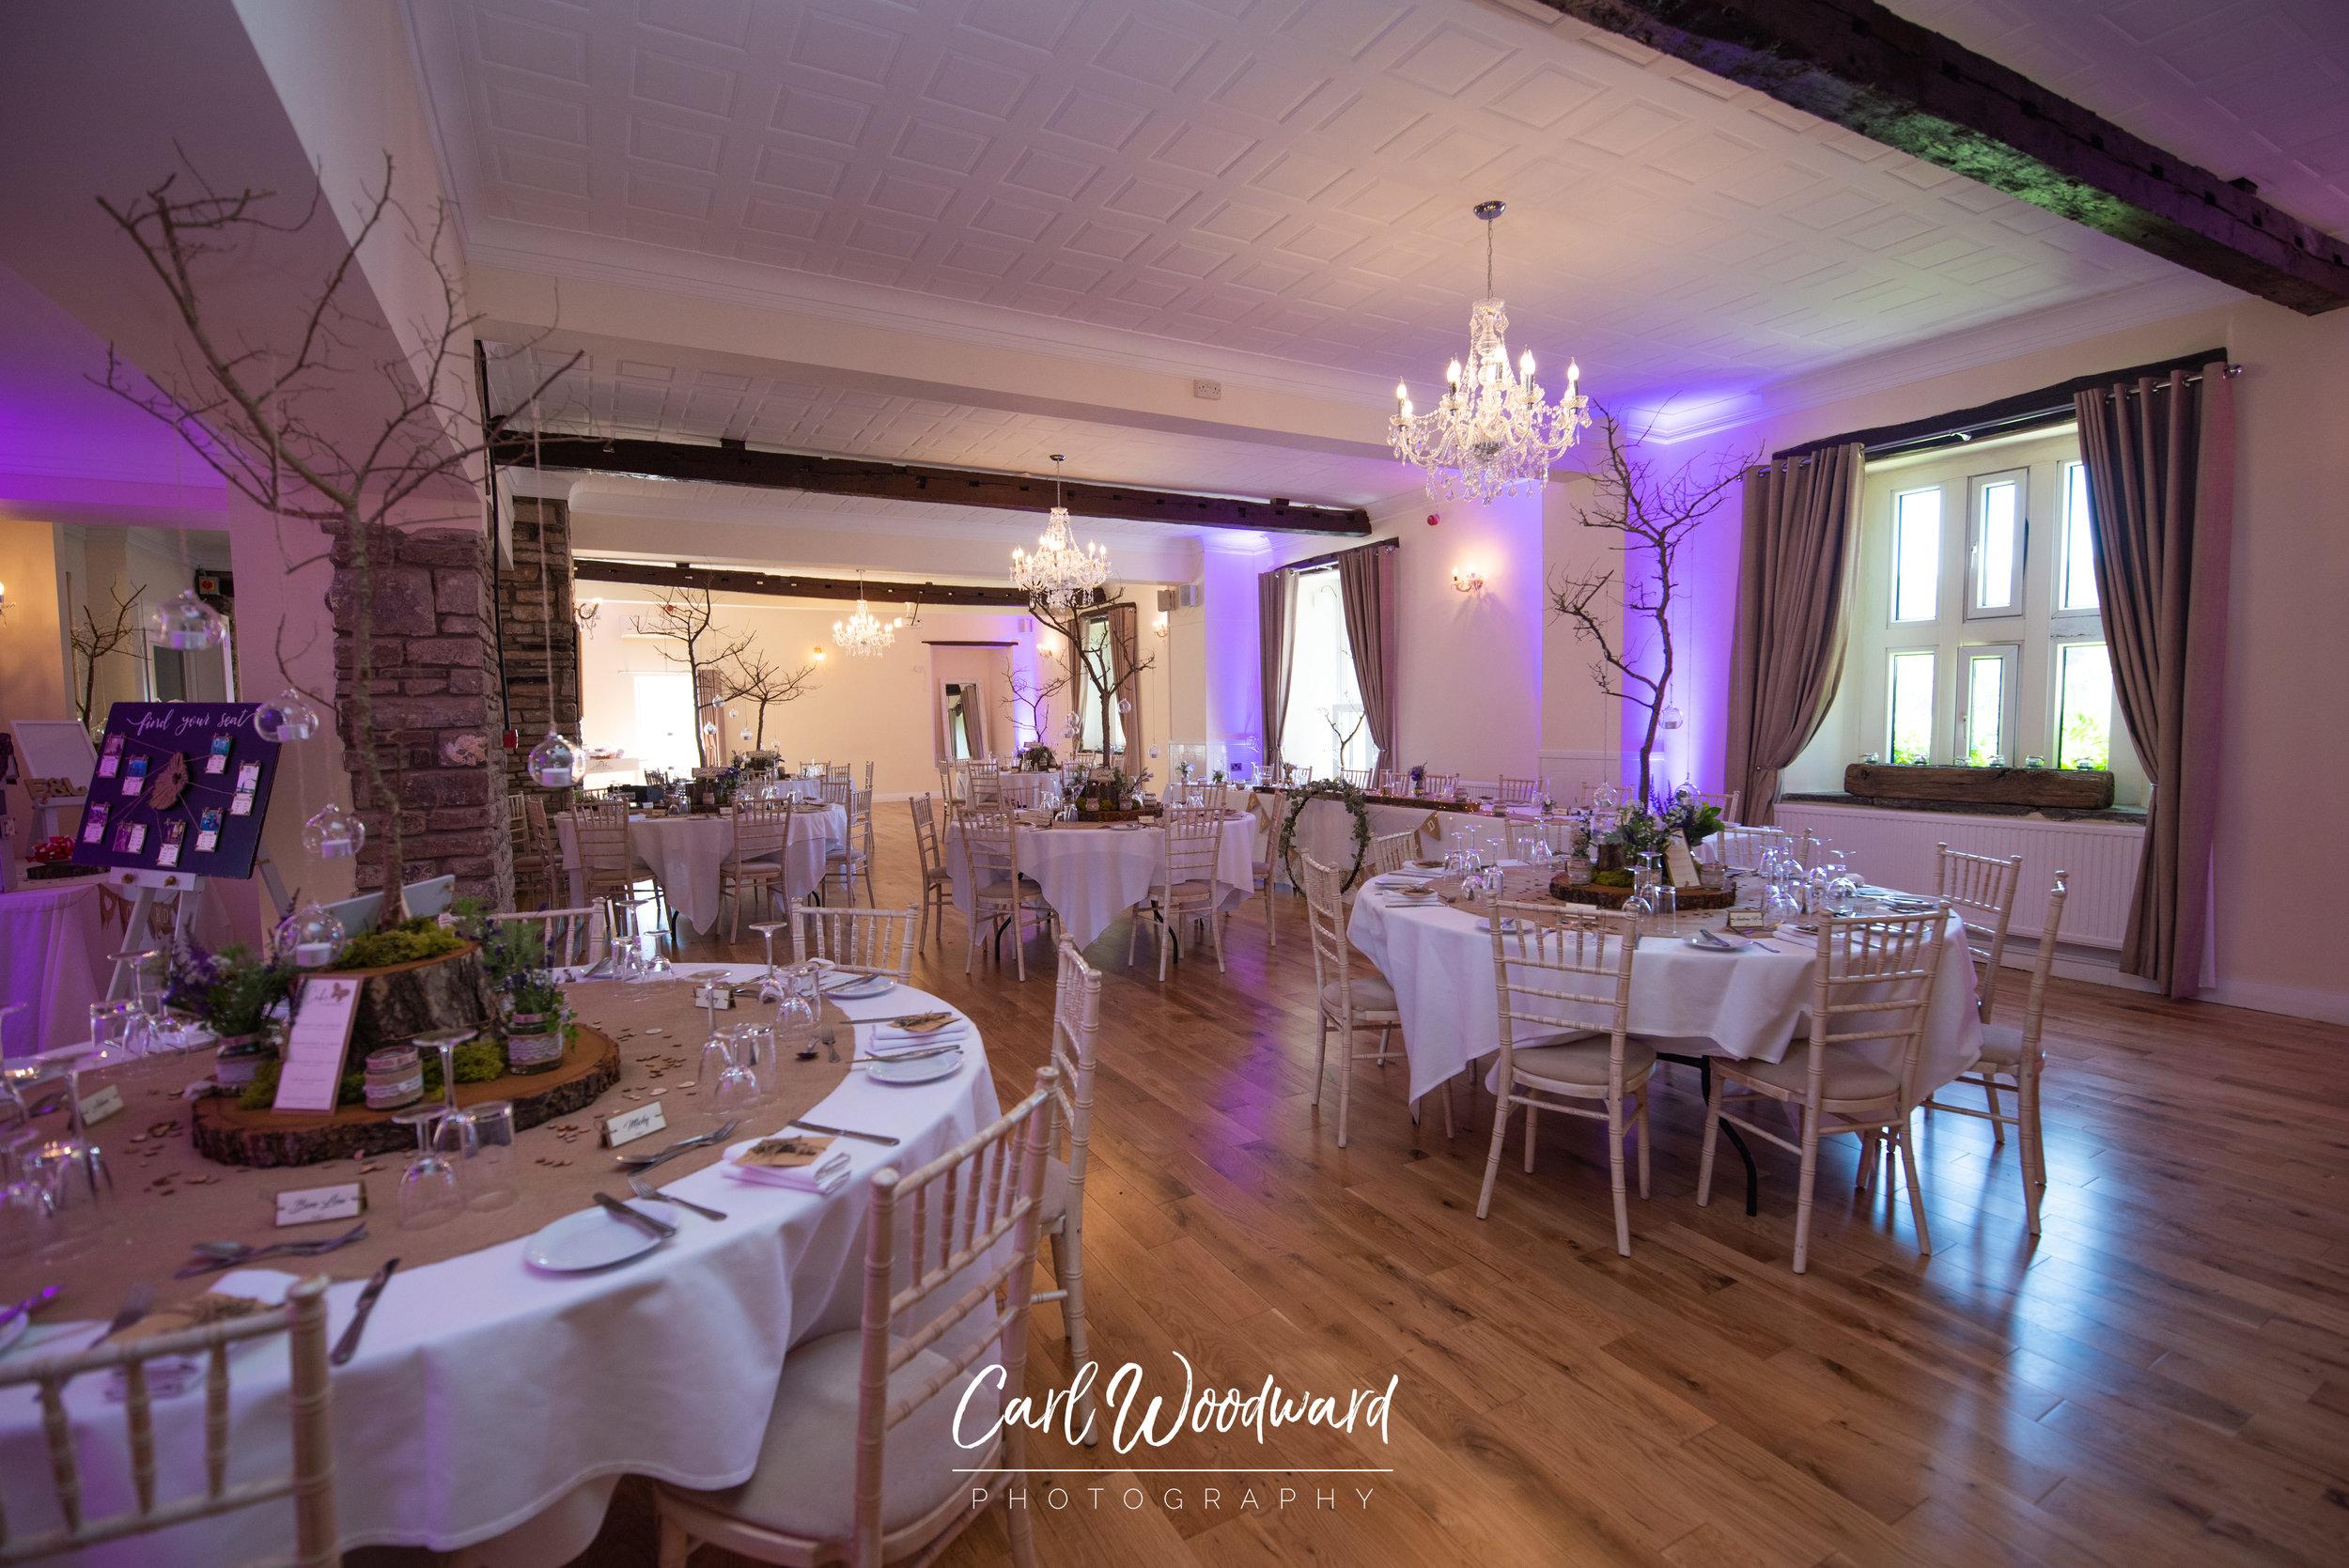 003-The-Old-Rectory-Hotel-Weddings.jpg